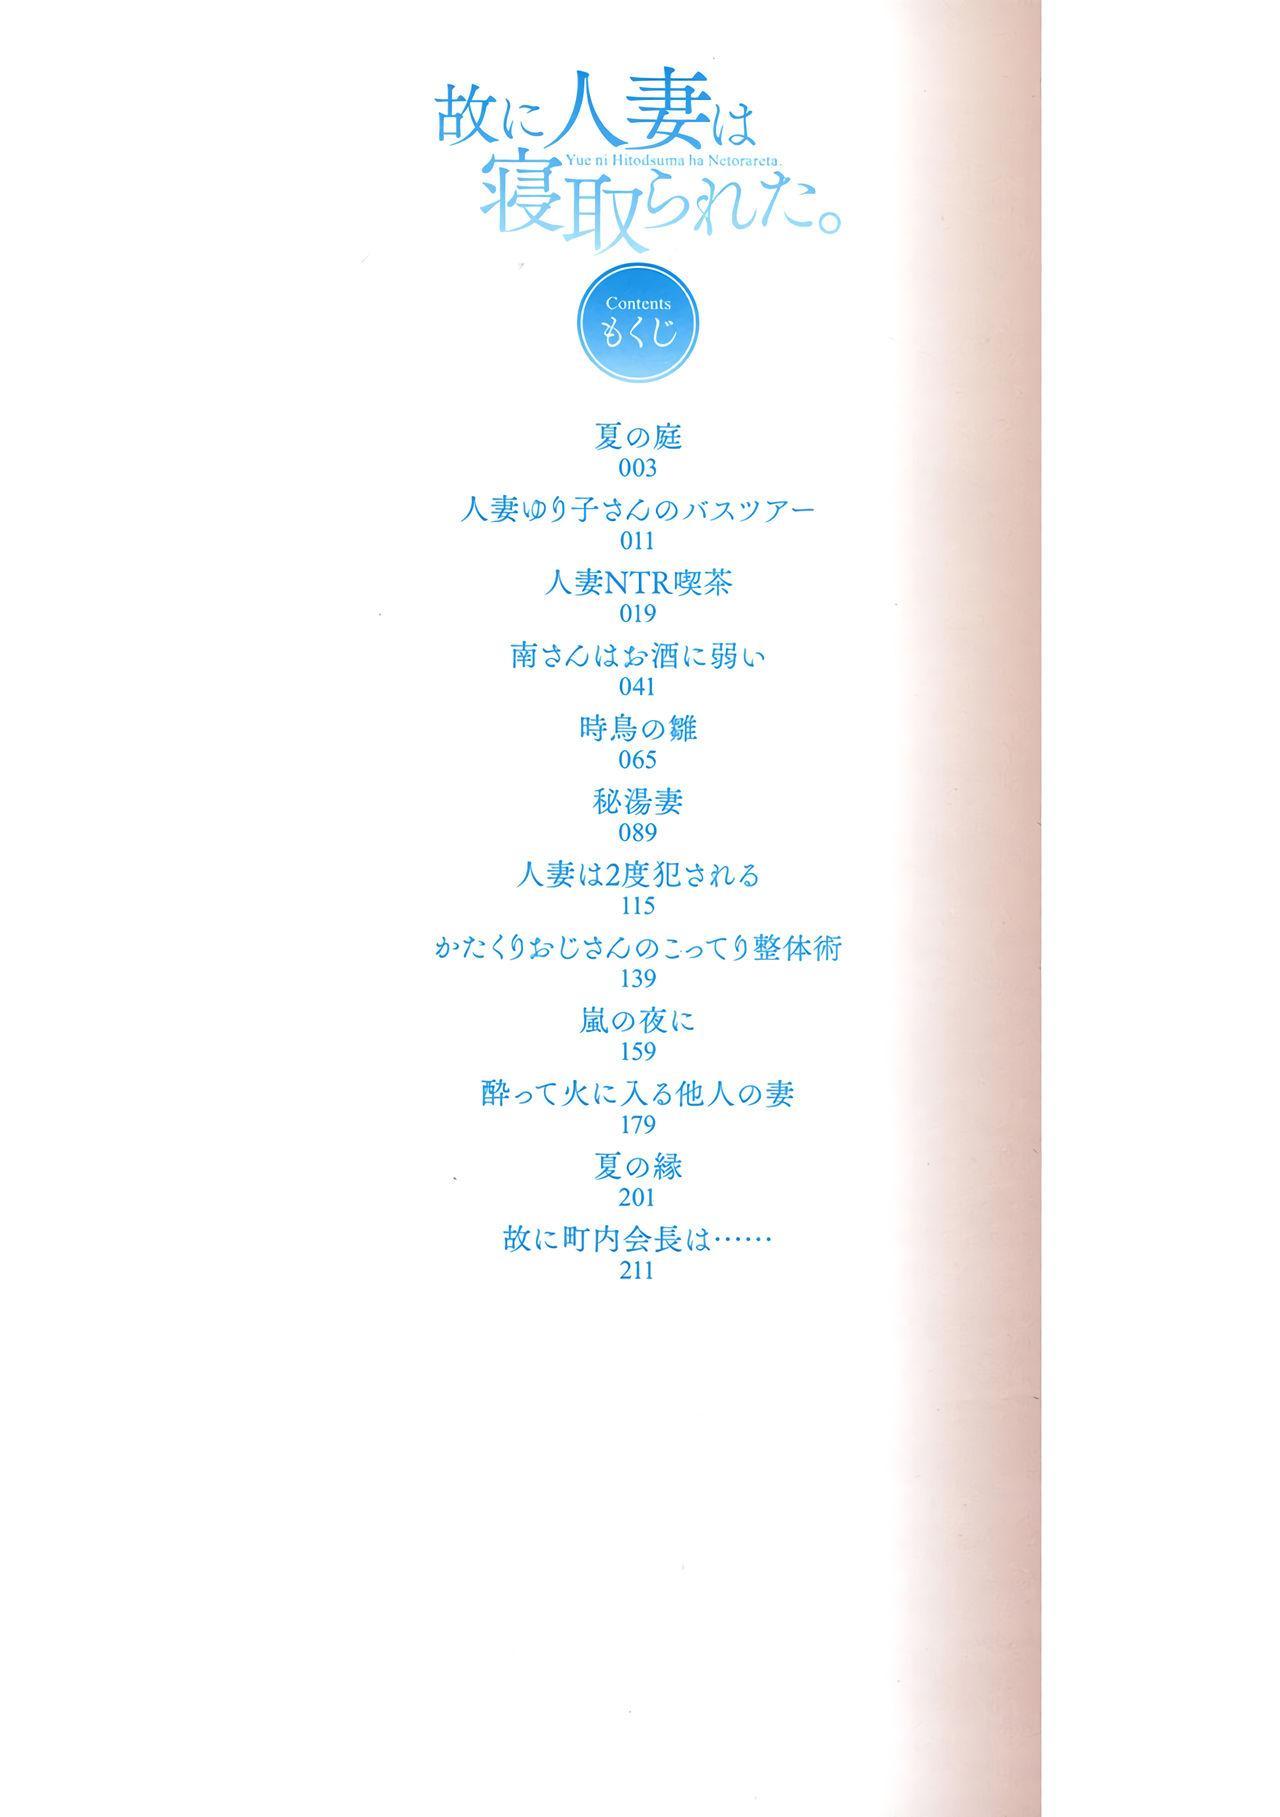 Yue ni Hitozuma wa Netorareta. 5